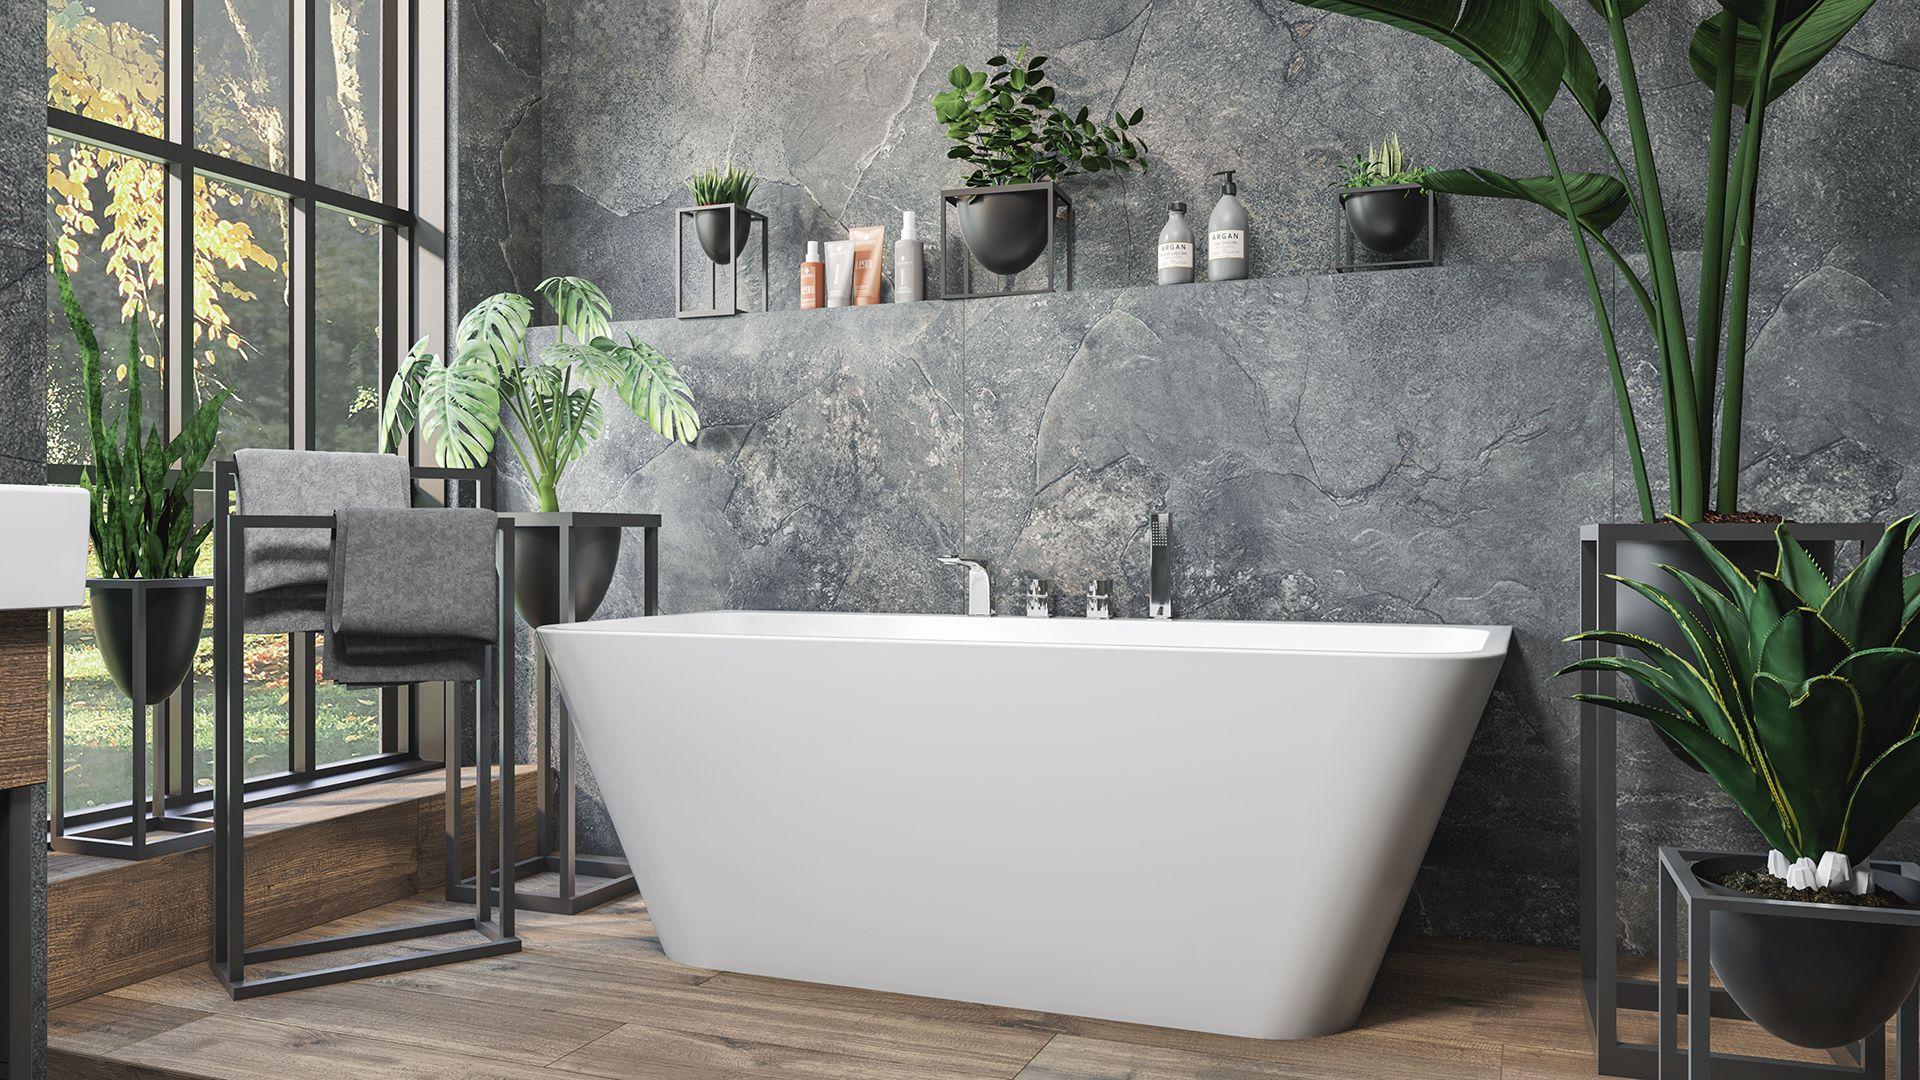 Urbanjungle Greenery Interiortrends Stone Bathroomdesign Bath Wanna Wolnostojaca W Lazience Pelnej Zieleni Bathtub Bathroom